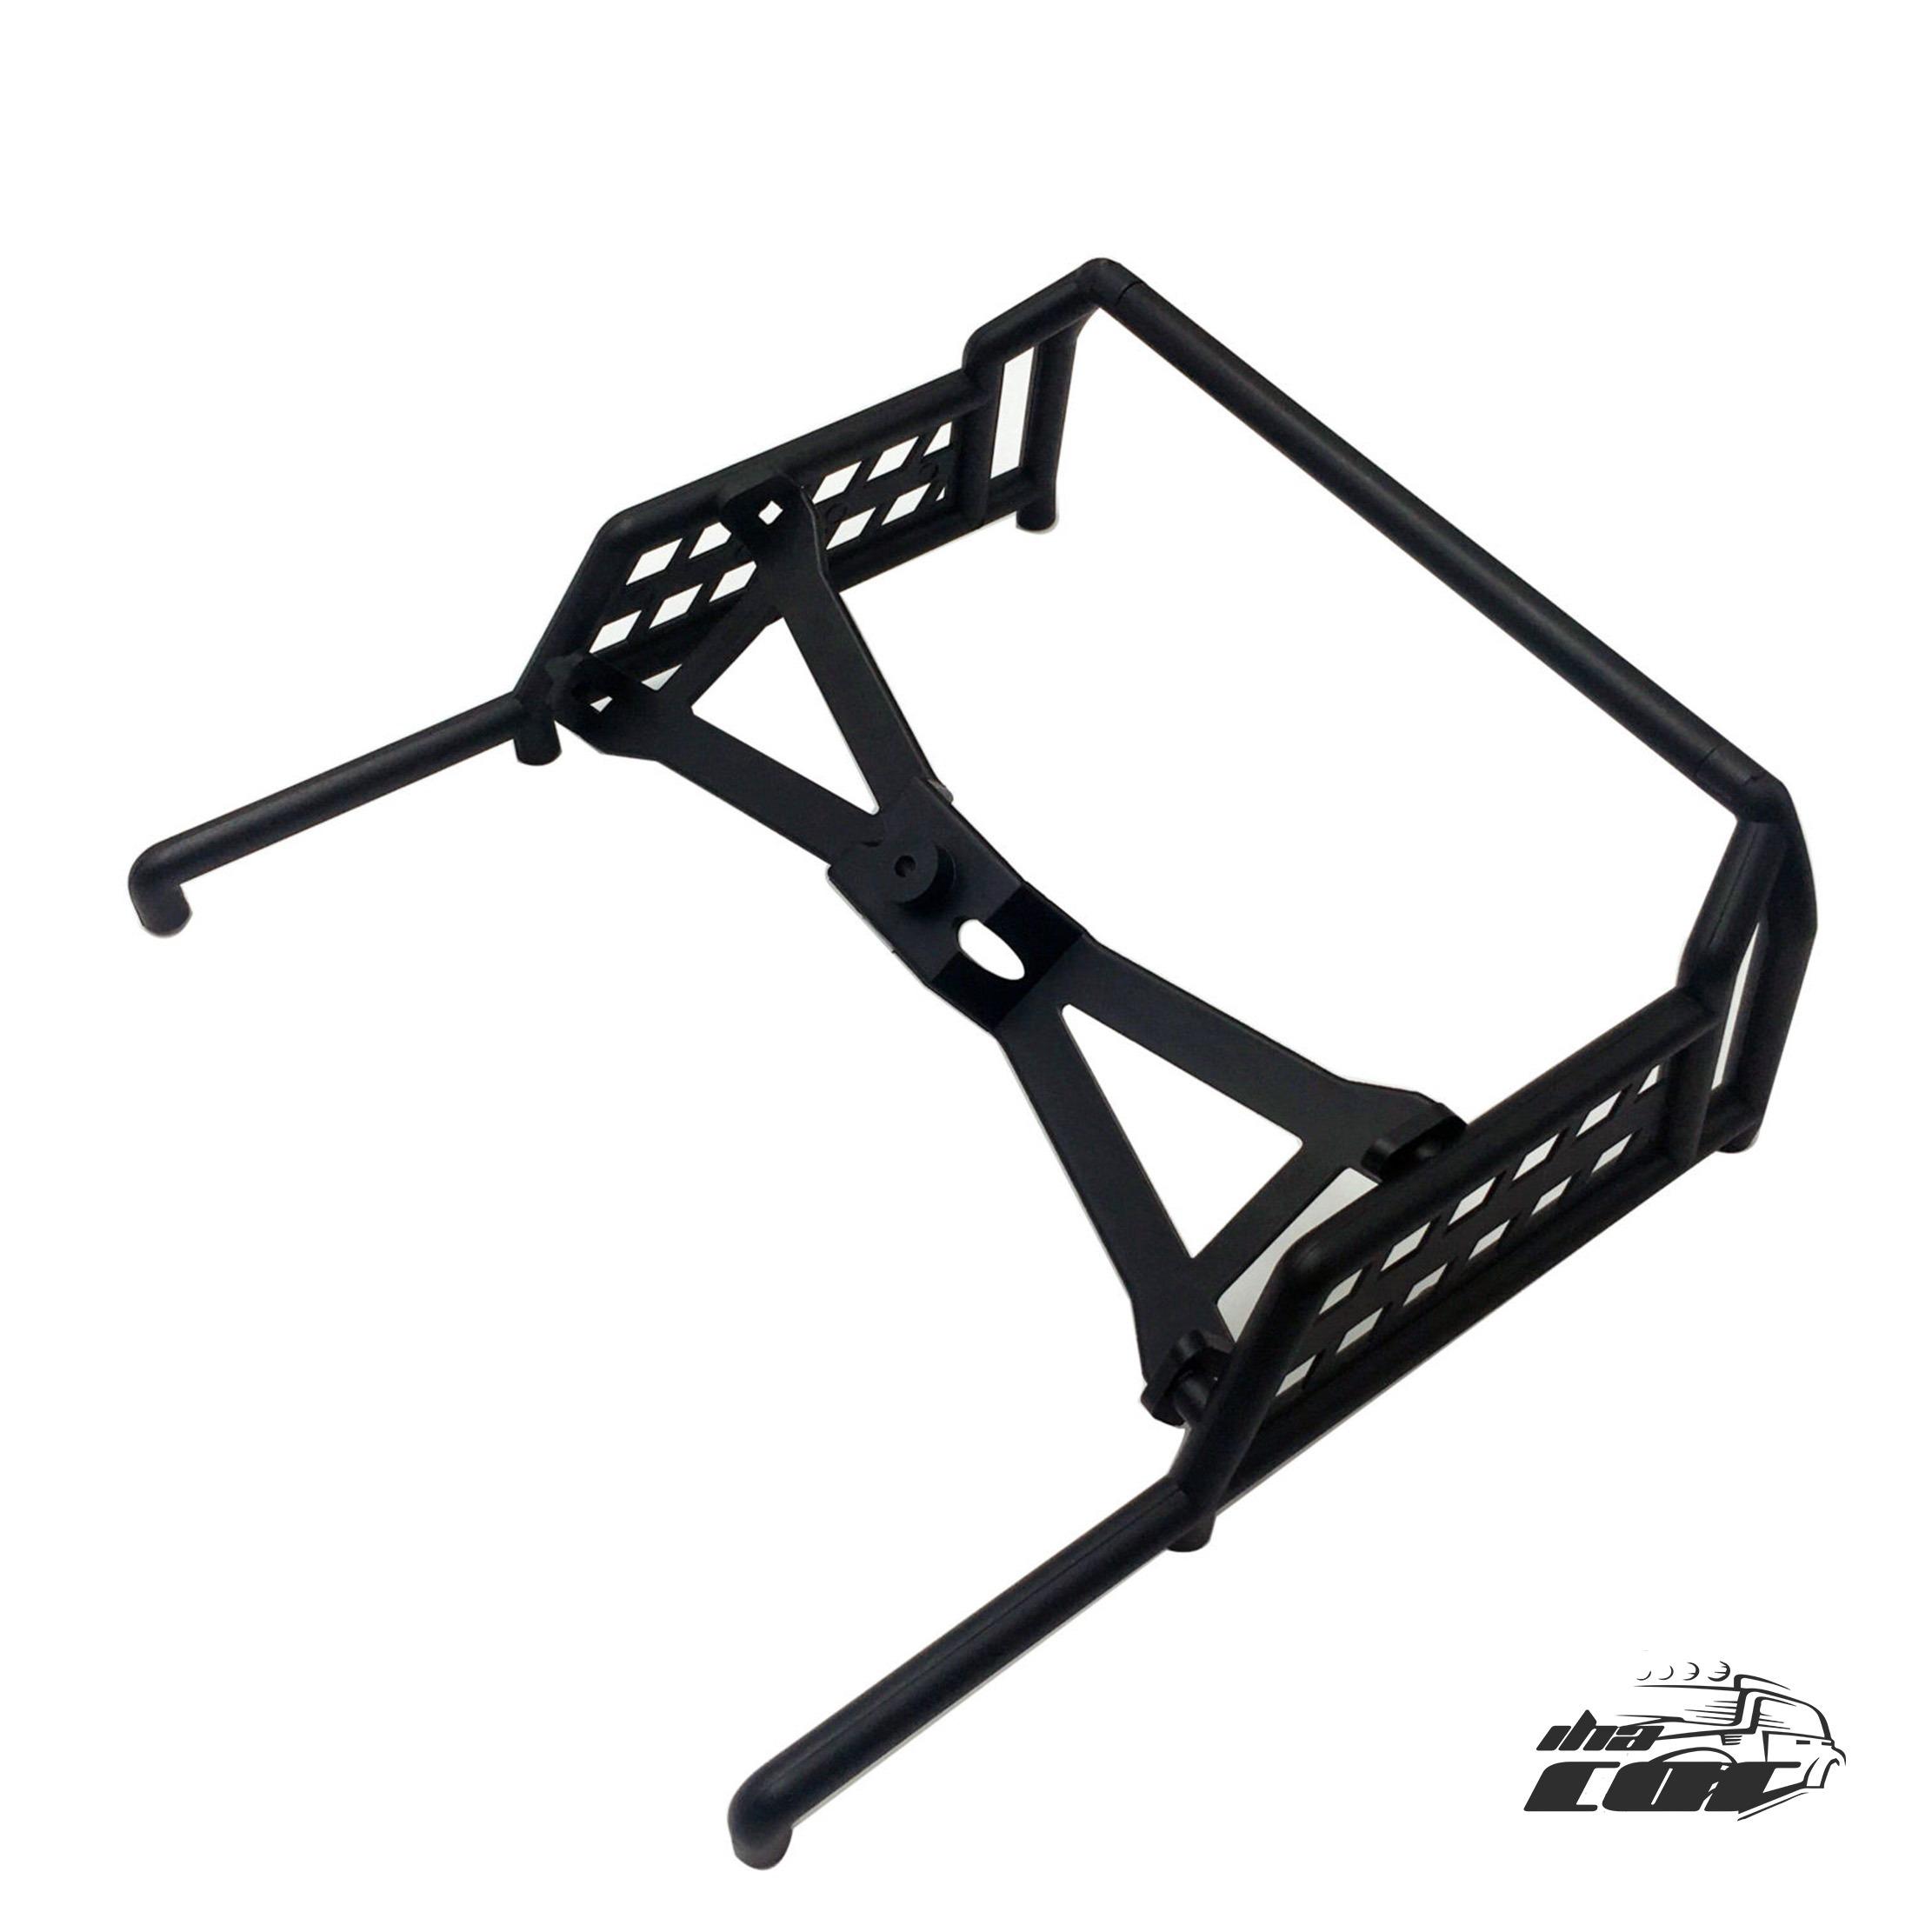 KYX Piezas del Cuerpo Duro TRX-4 Ford Raptor DIY Body Cage Jaula.